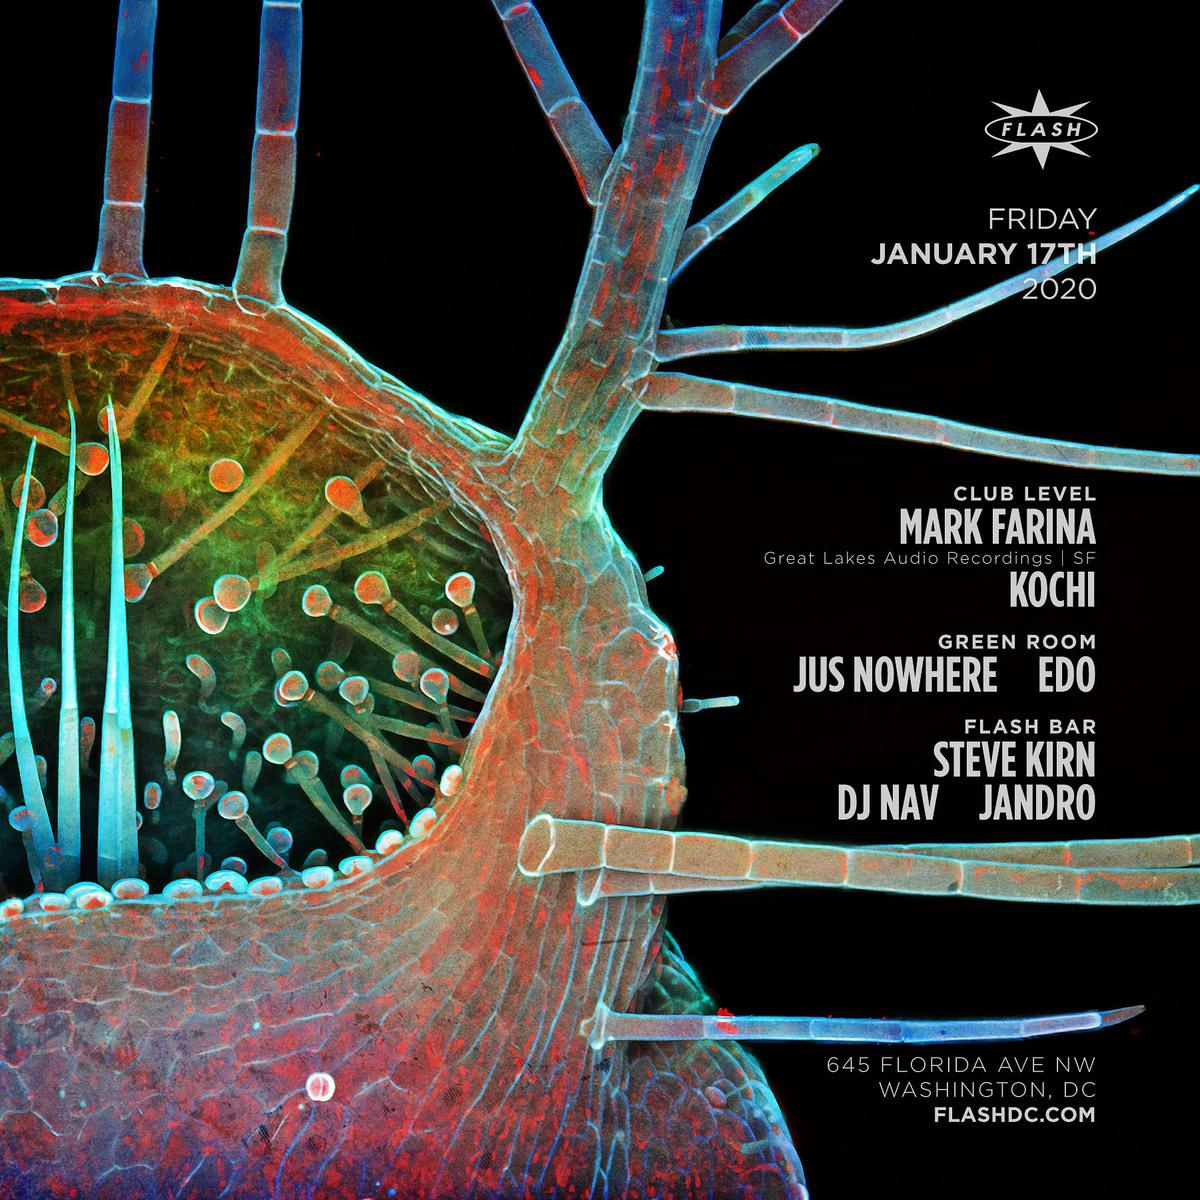 Mark Farina event thumbnail